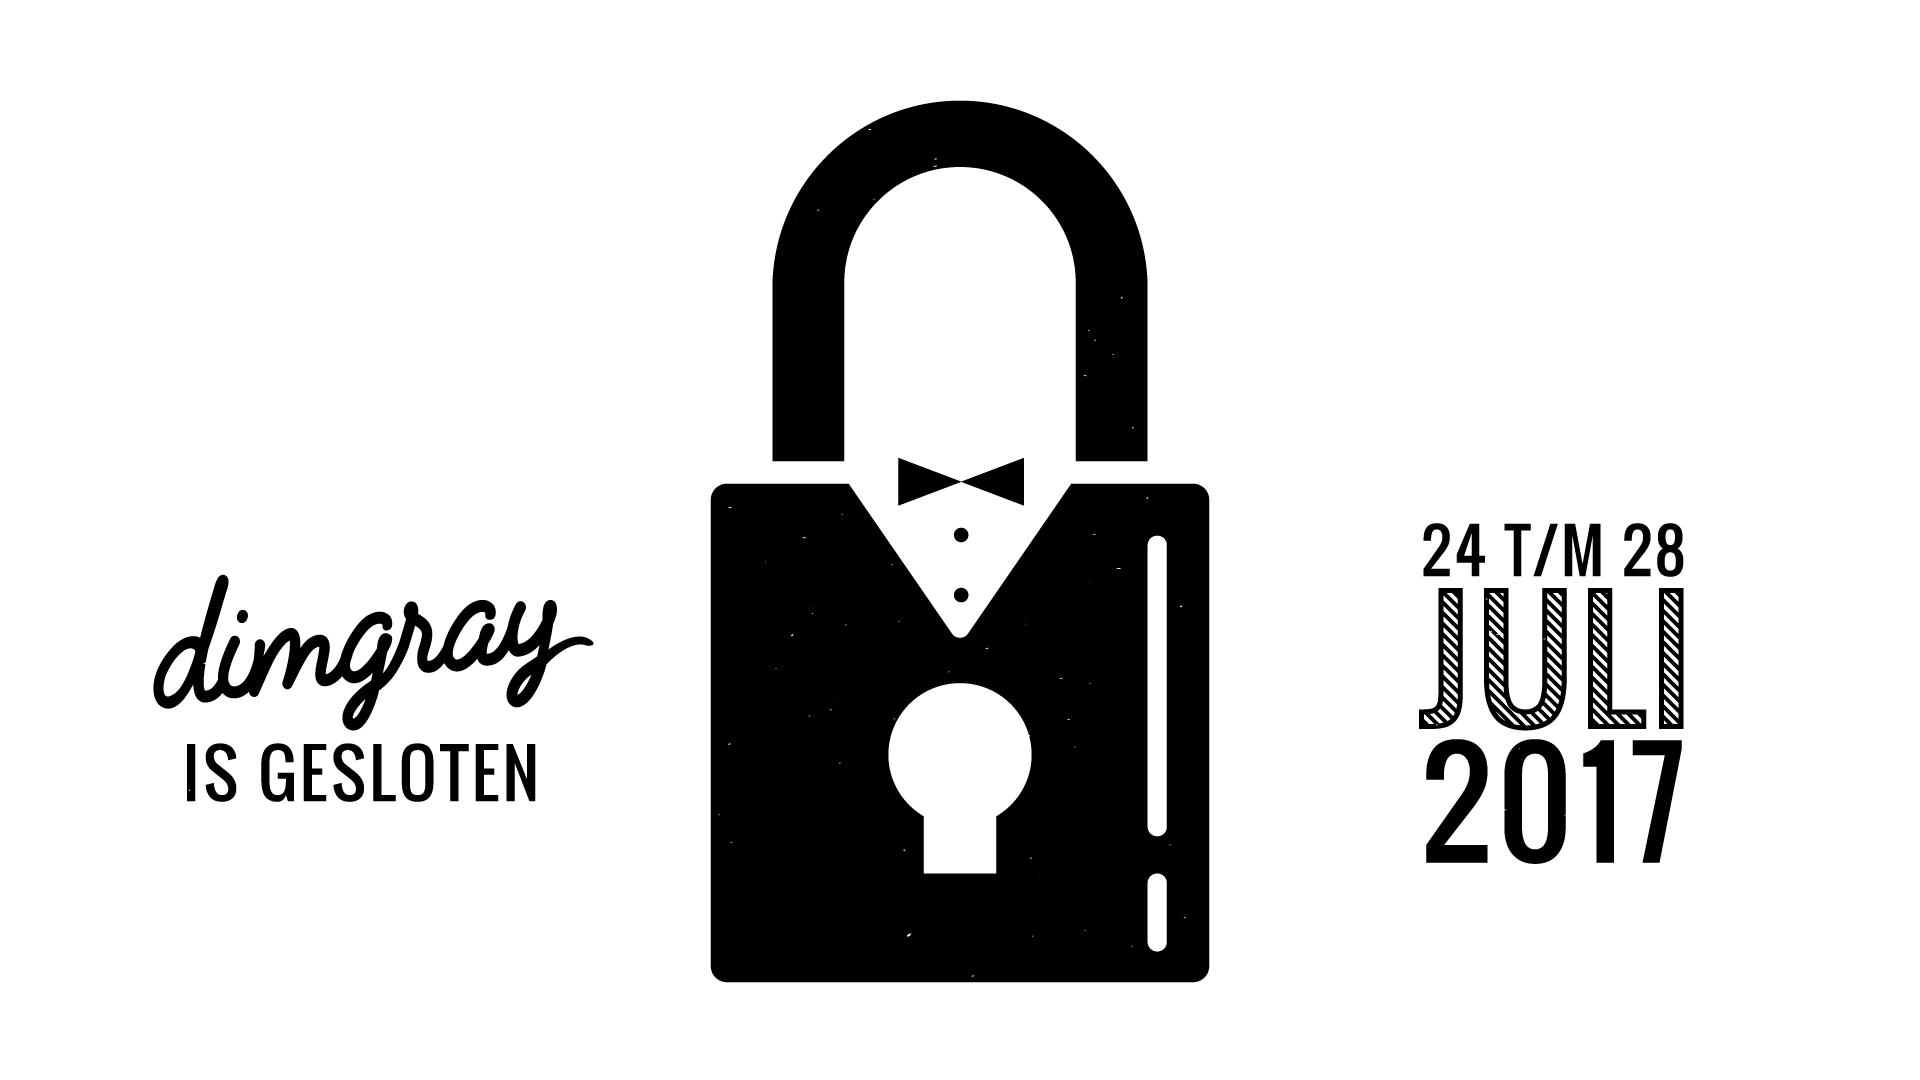 dimgray is gesloten van 24 tot en met 28 juli 2017